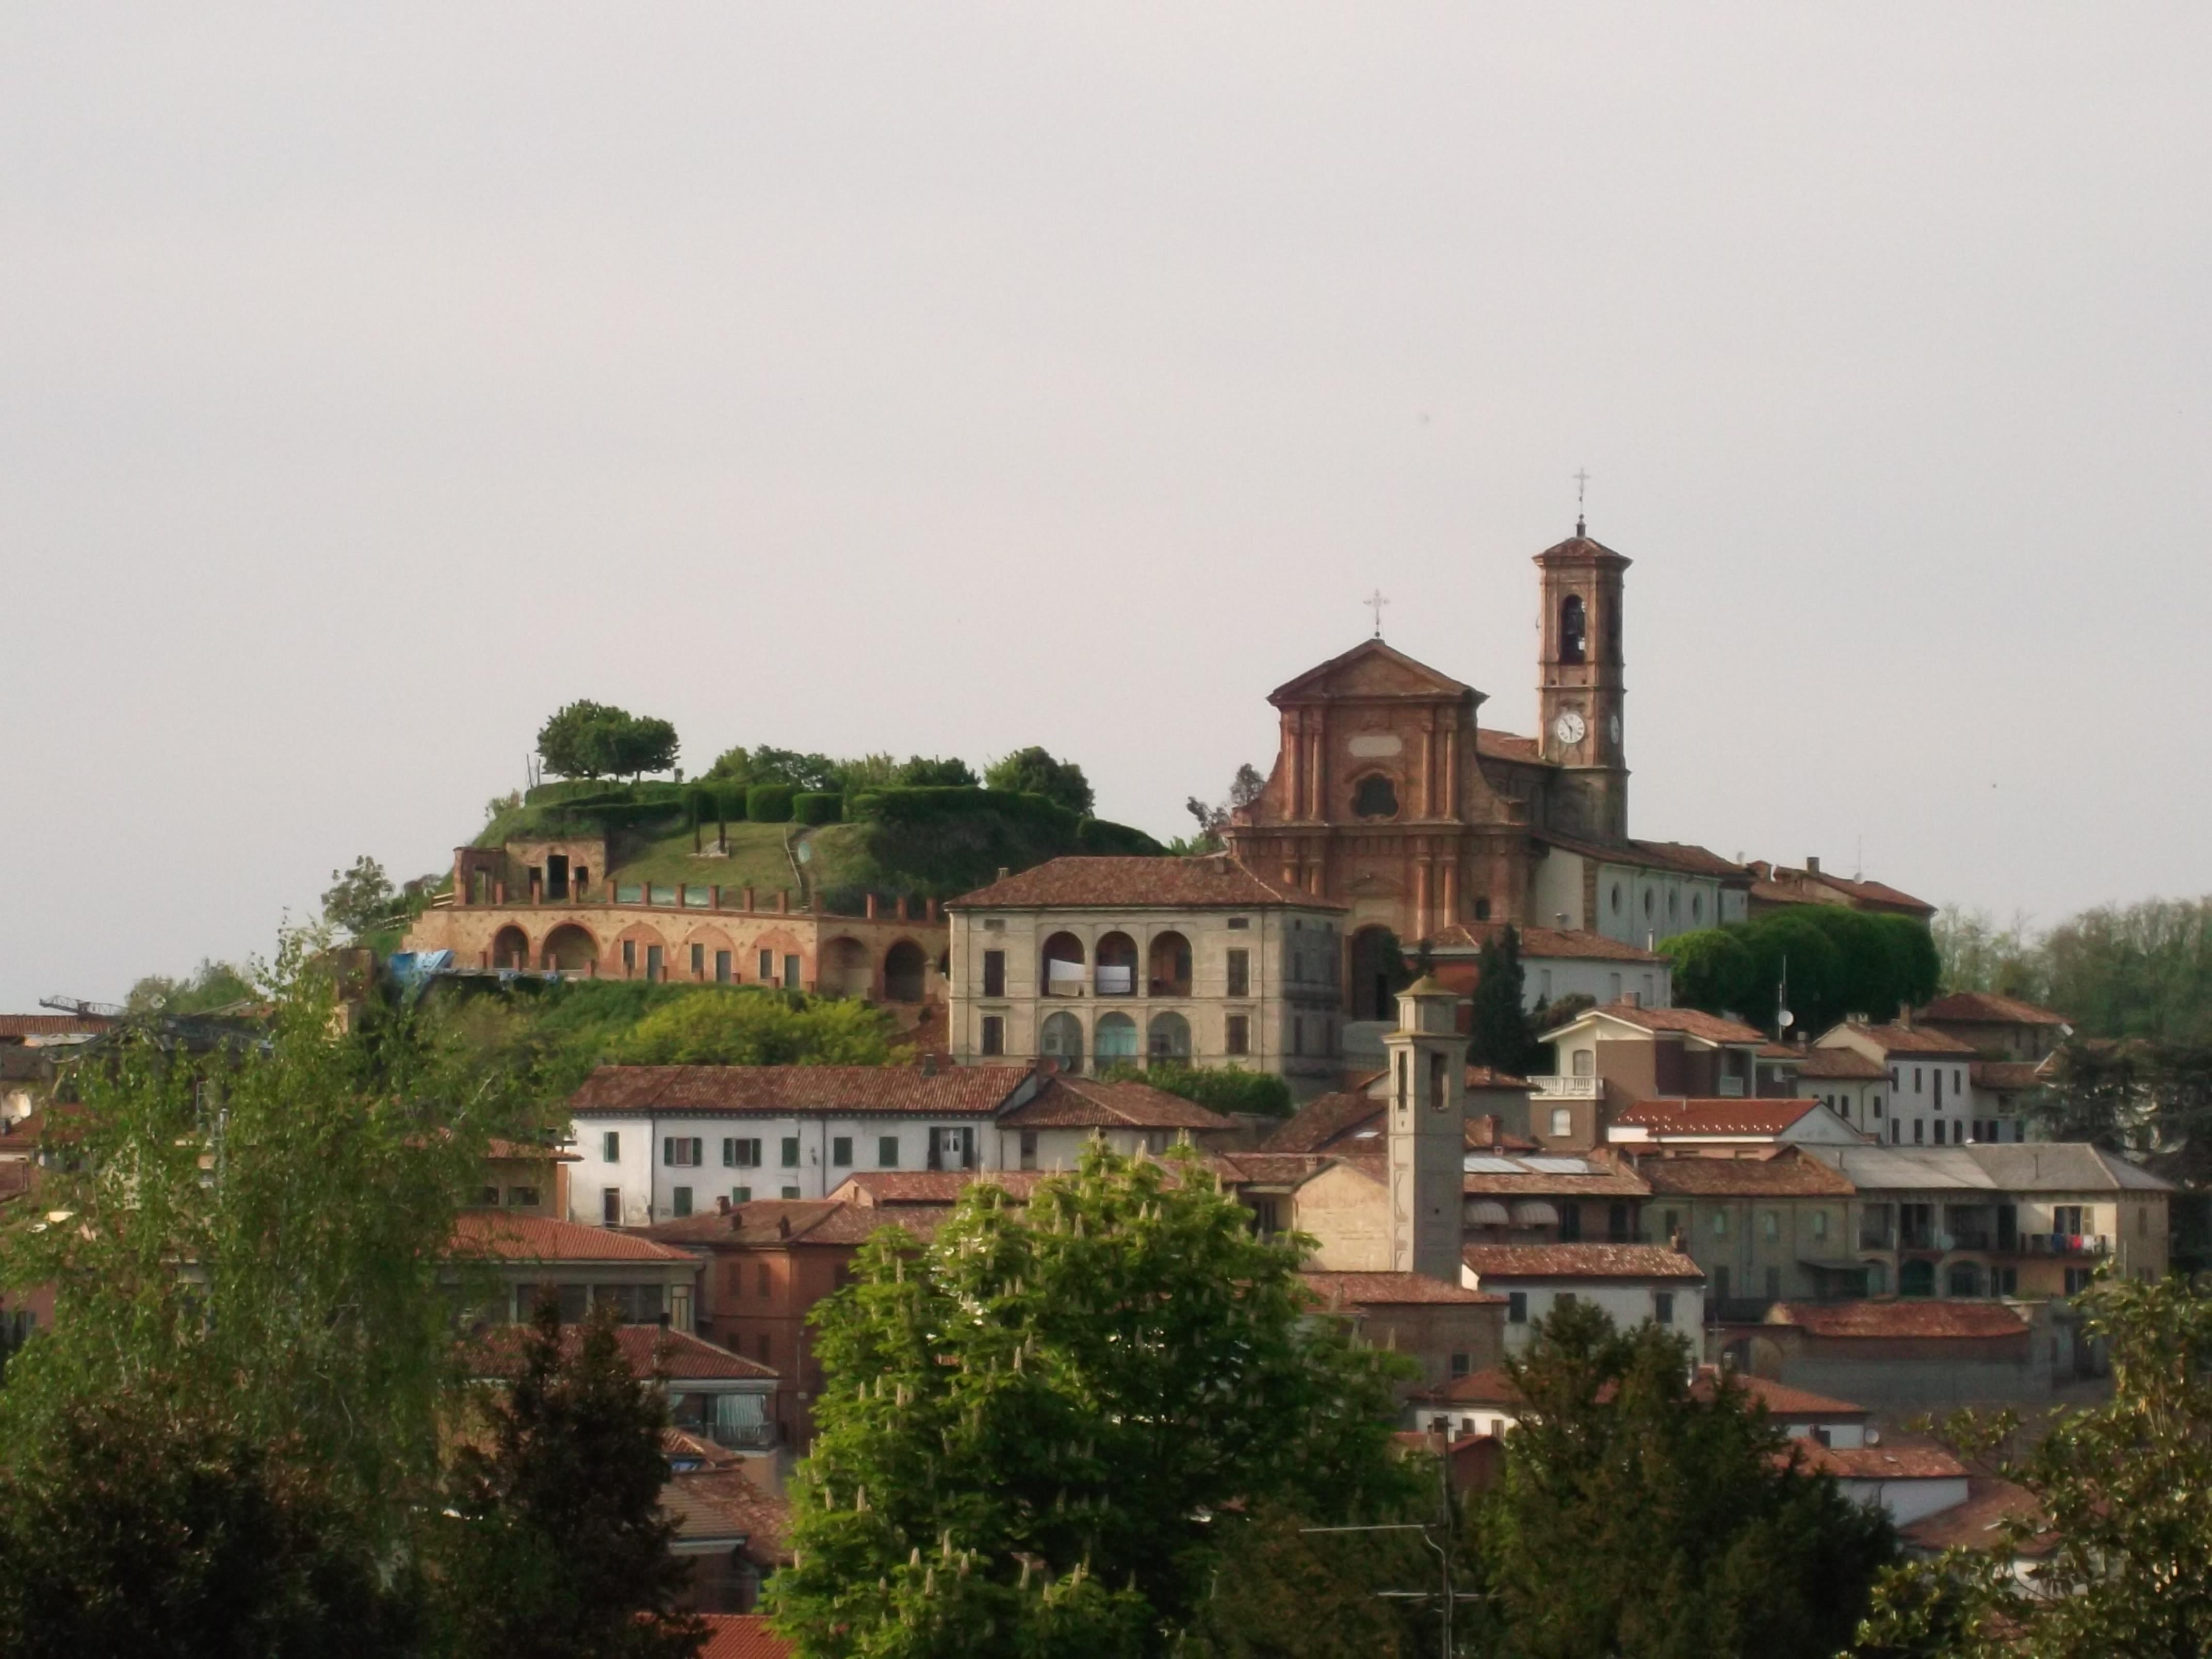 Calliano, Asti